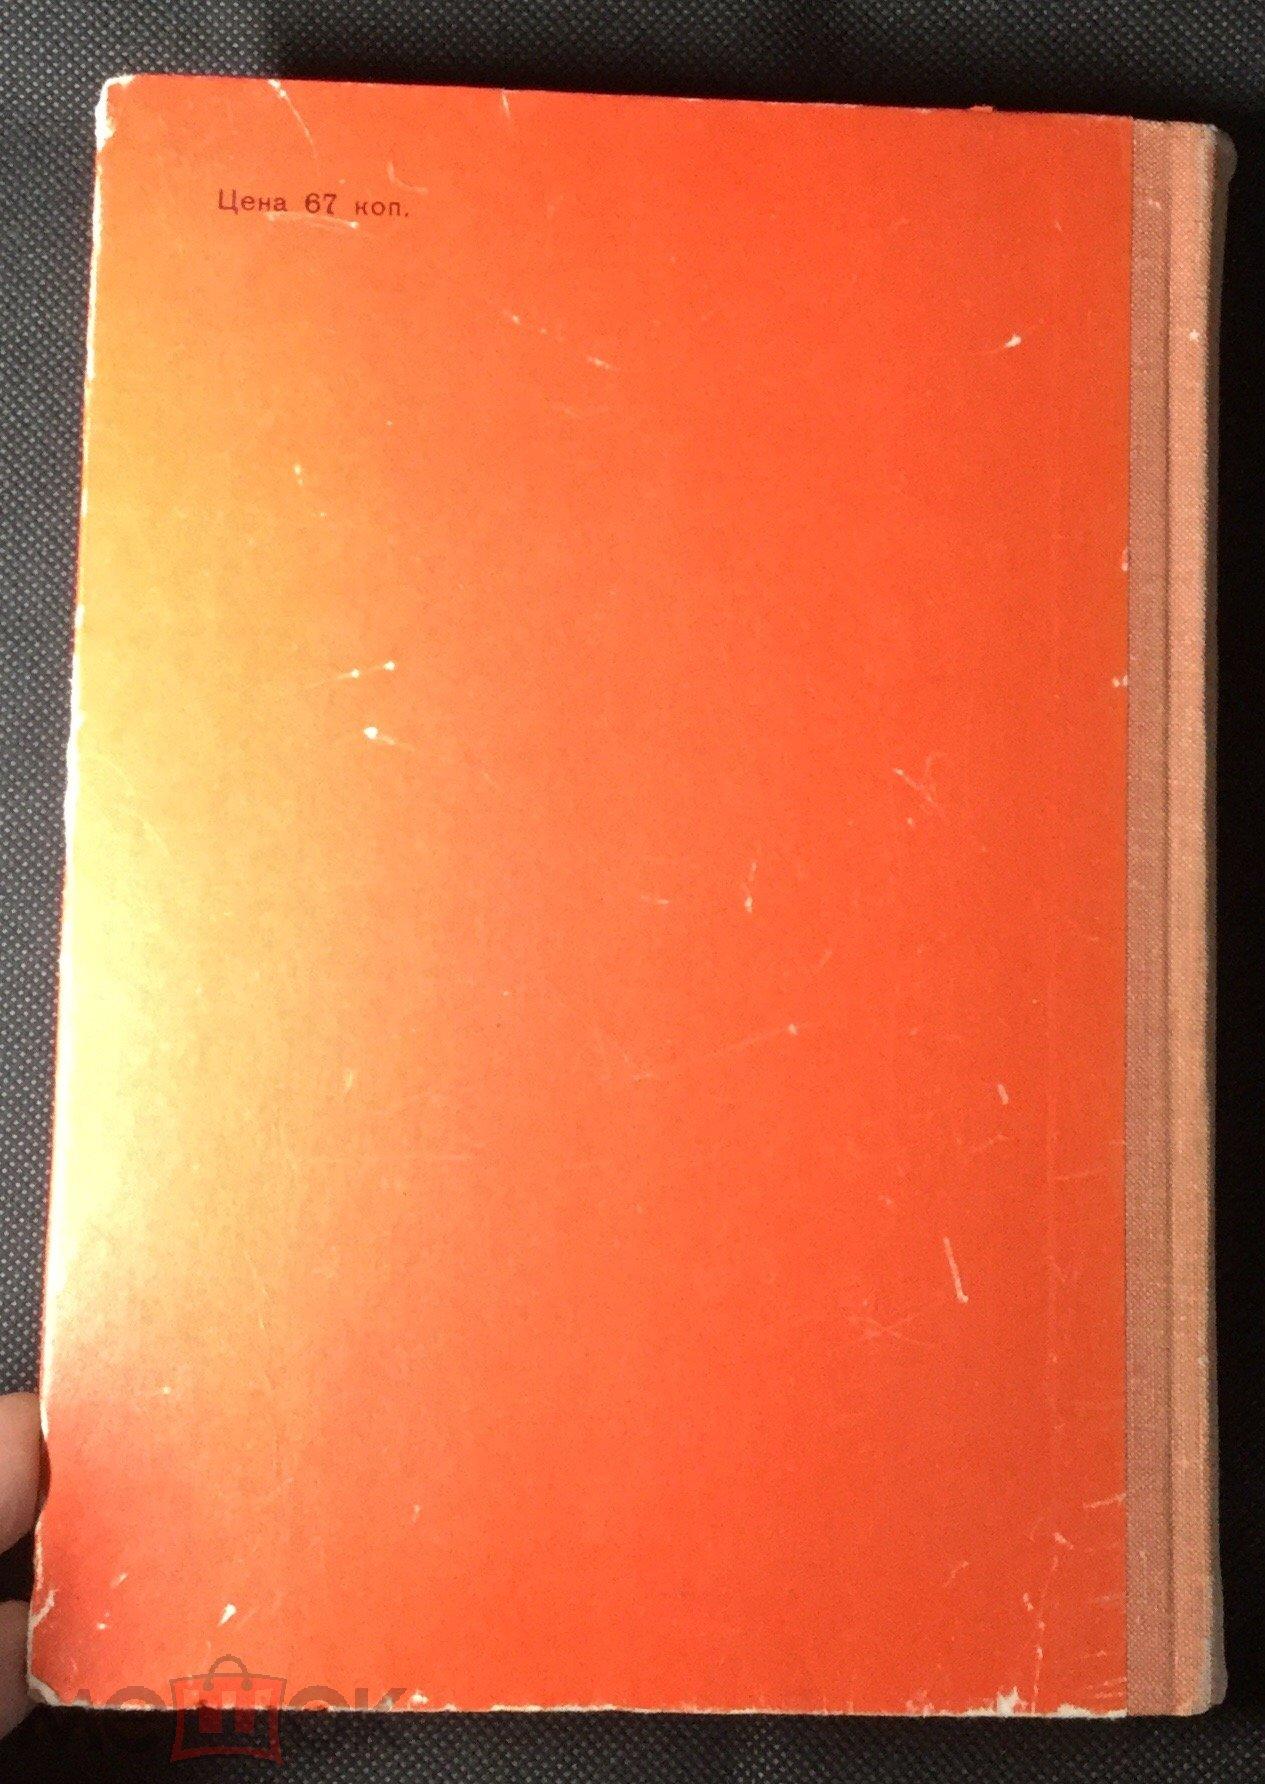 РЕДКАЯ Книга З.Шишова. Джек-соломинка. 1967 г. Рисунки И.Кускова, оформление Б.Диодорова